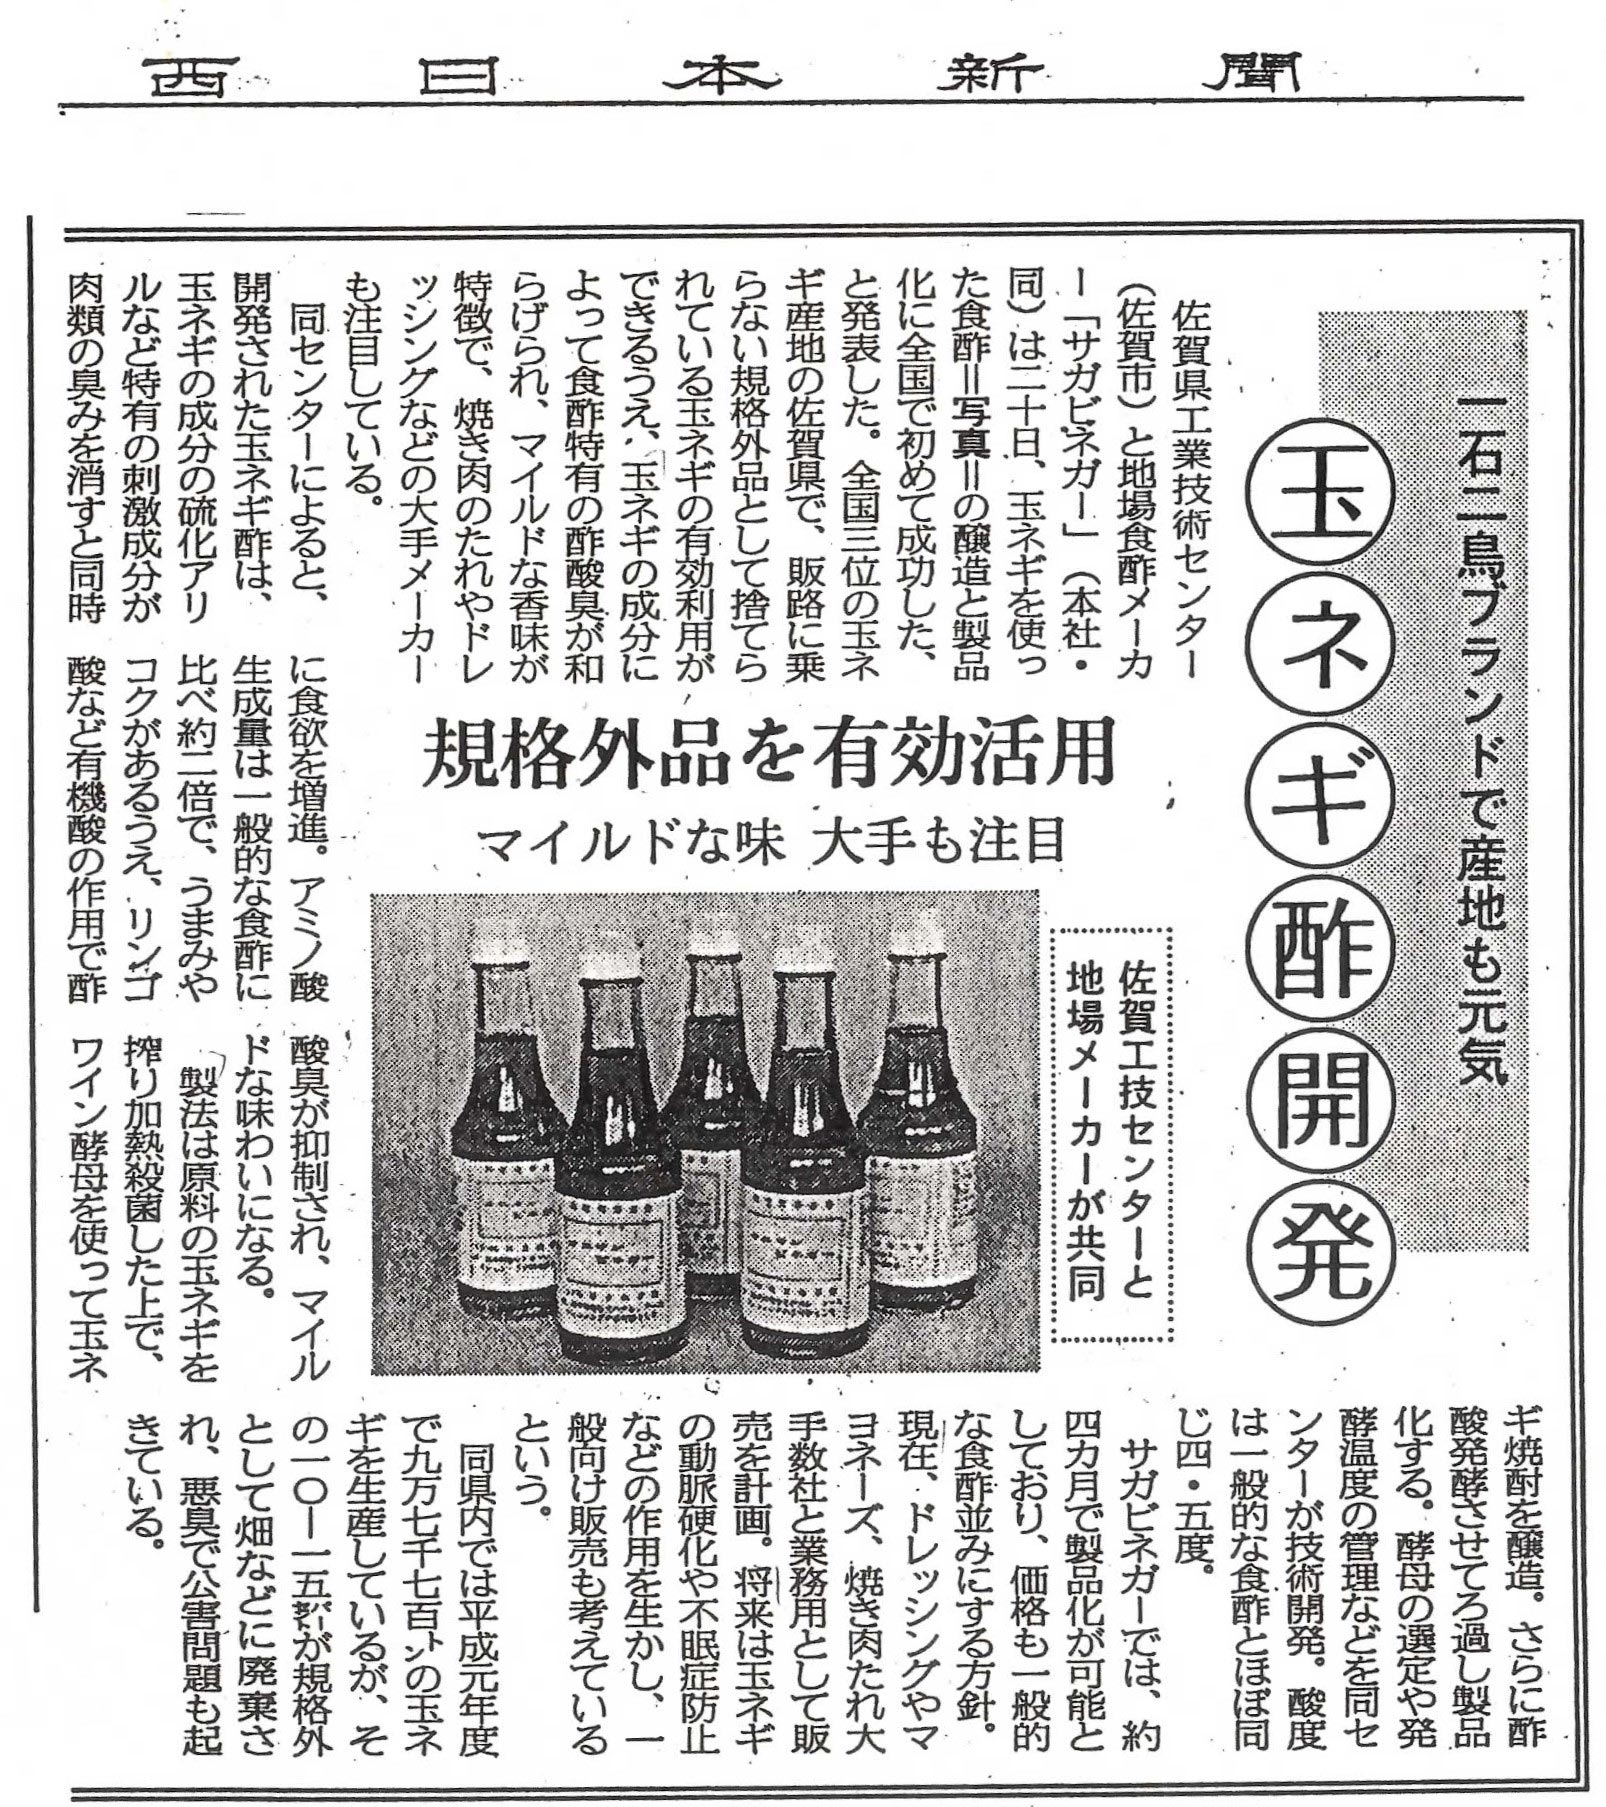 新聞掲載 1993年(平成5年)1月21日 西日本新聞 「玉ネギ酢開発」